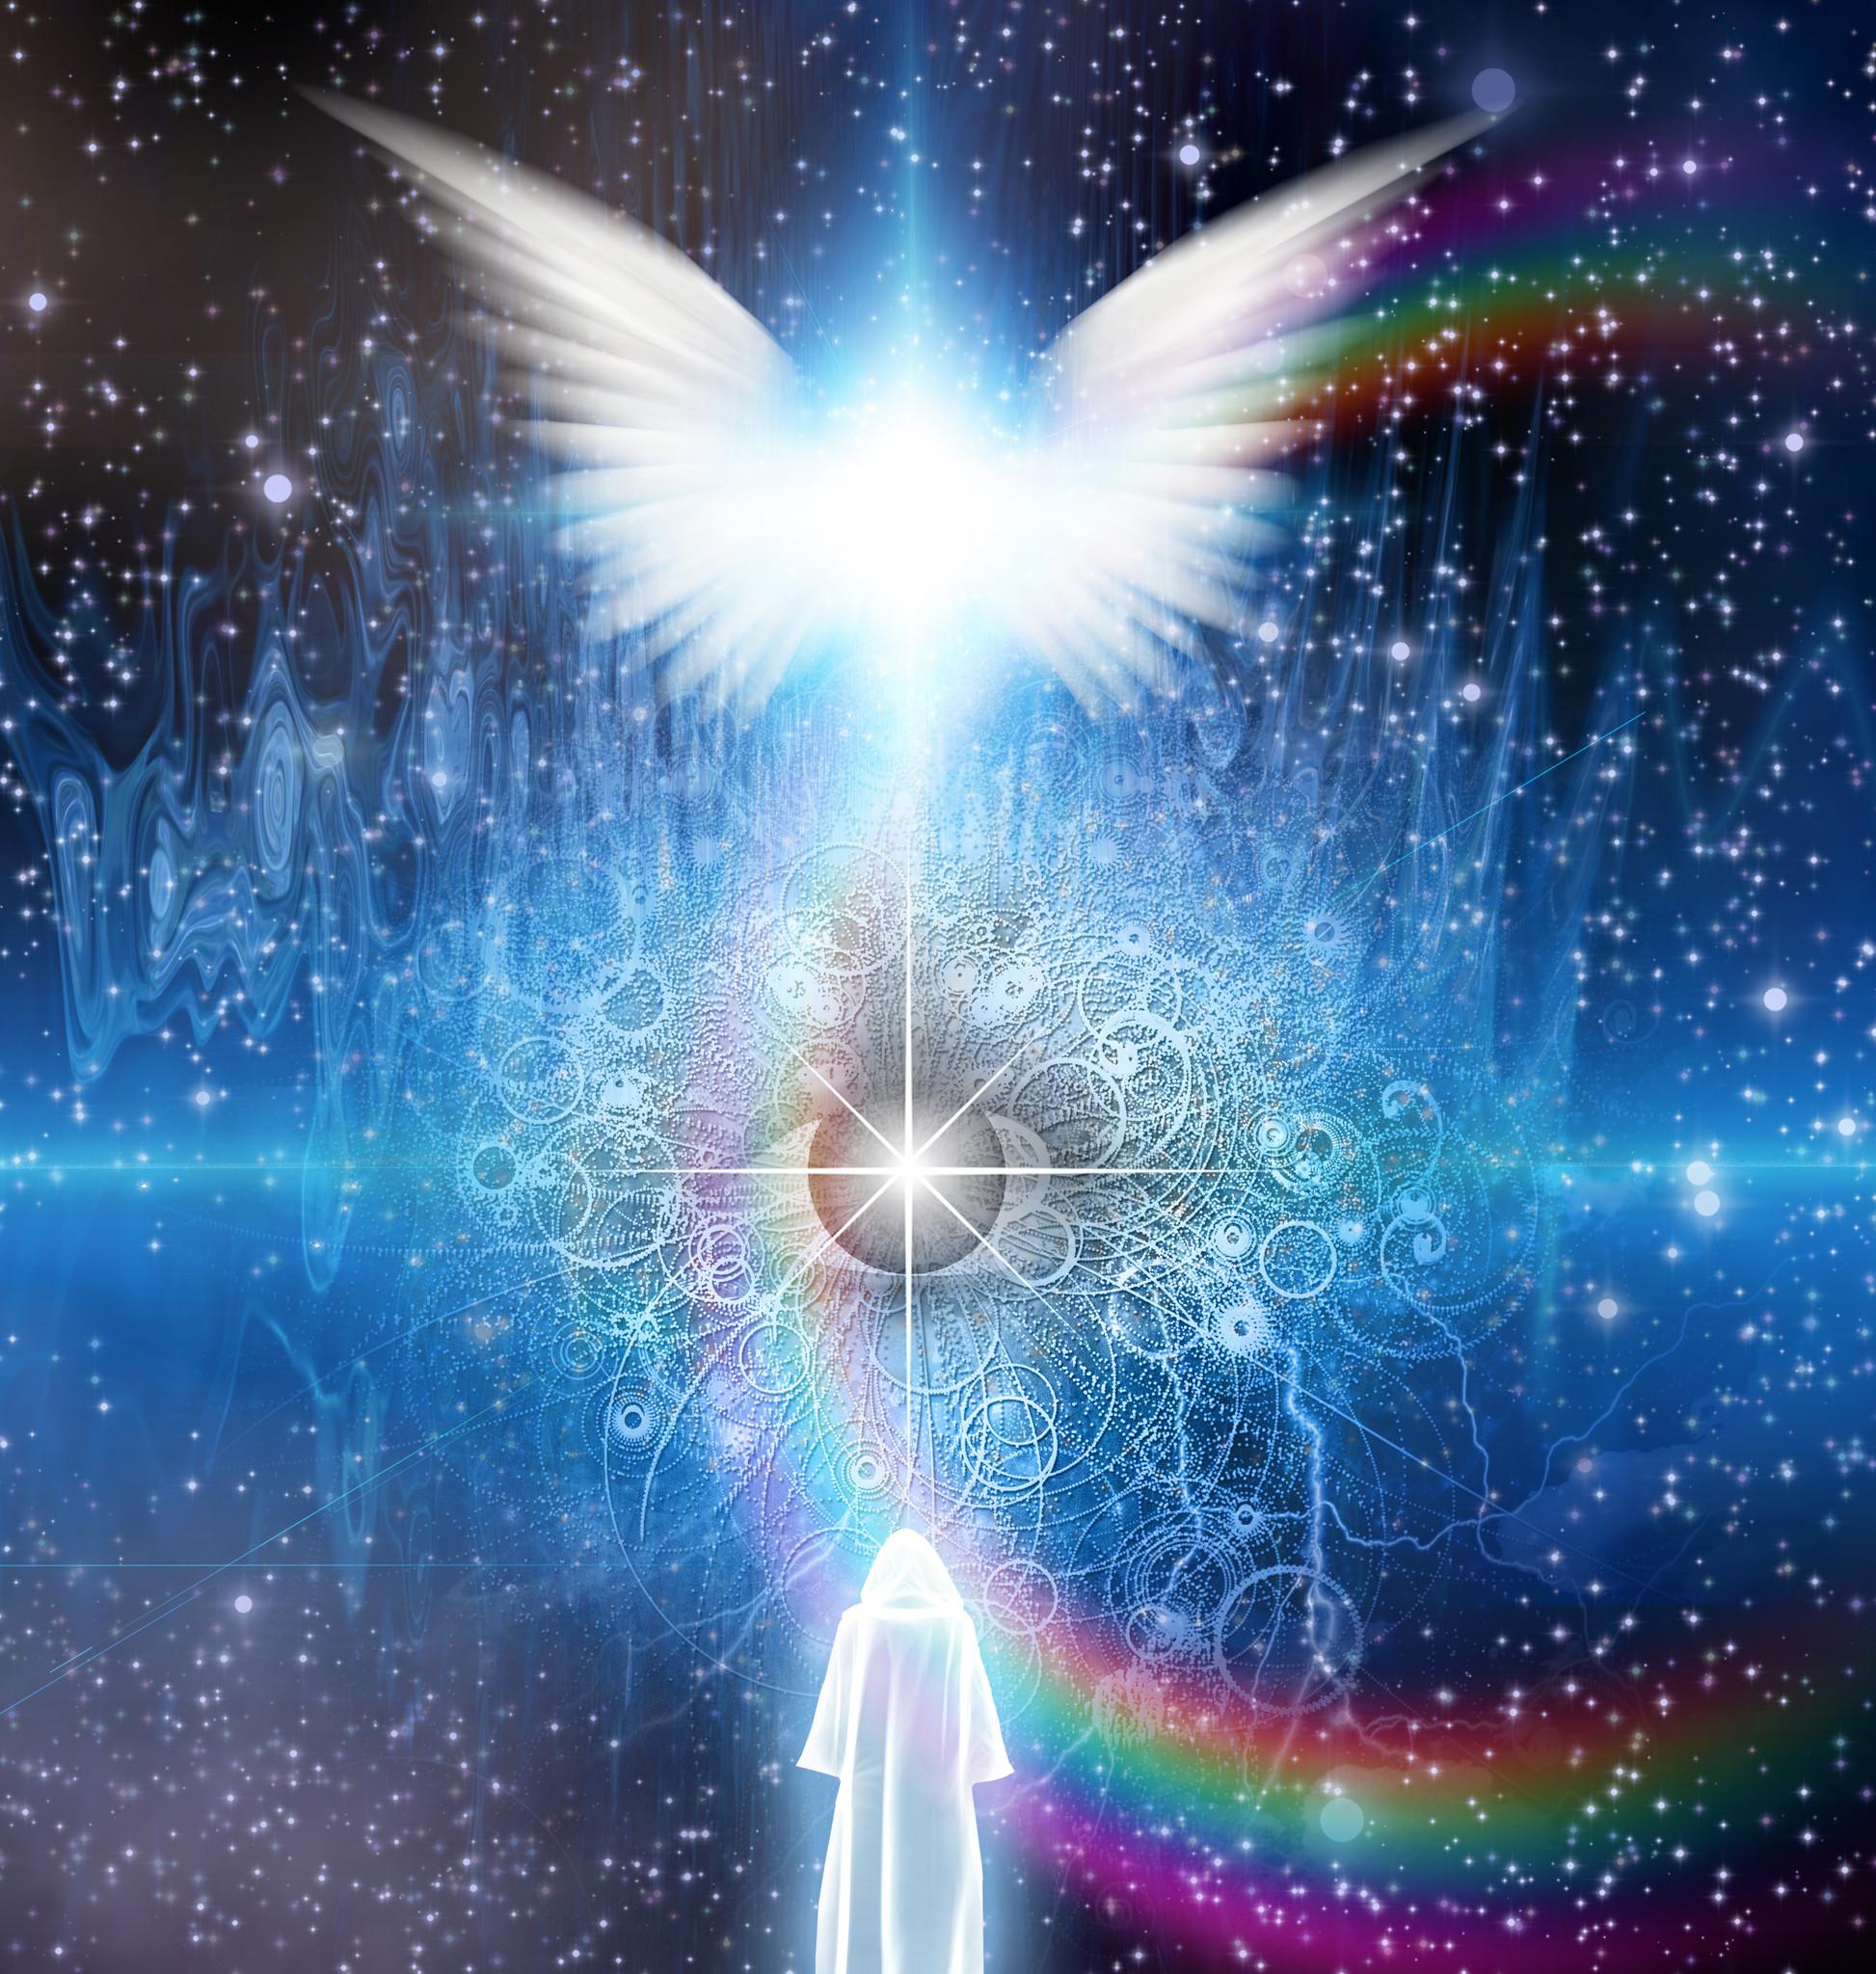 Die Verbindung zwischen Wissenschaft und Spiritualität. Ein Himmlisches Match !